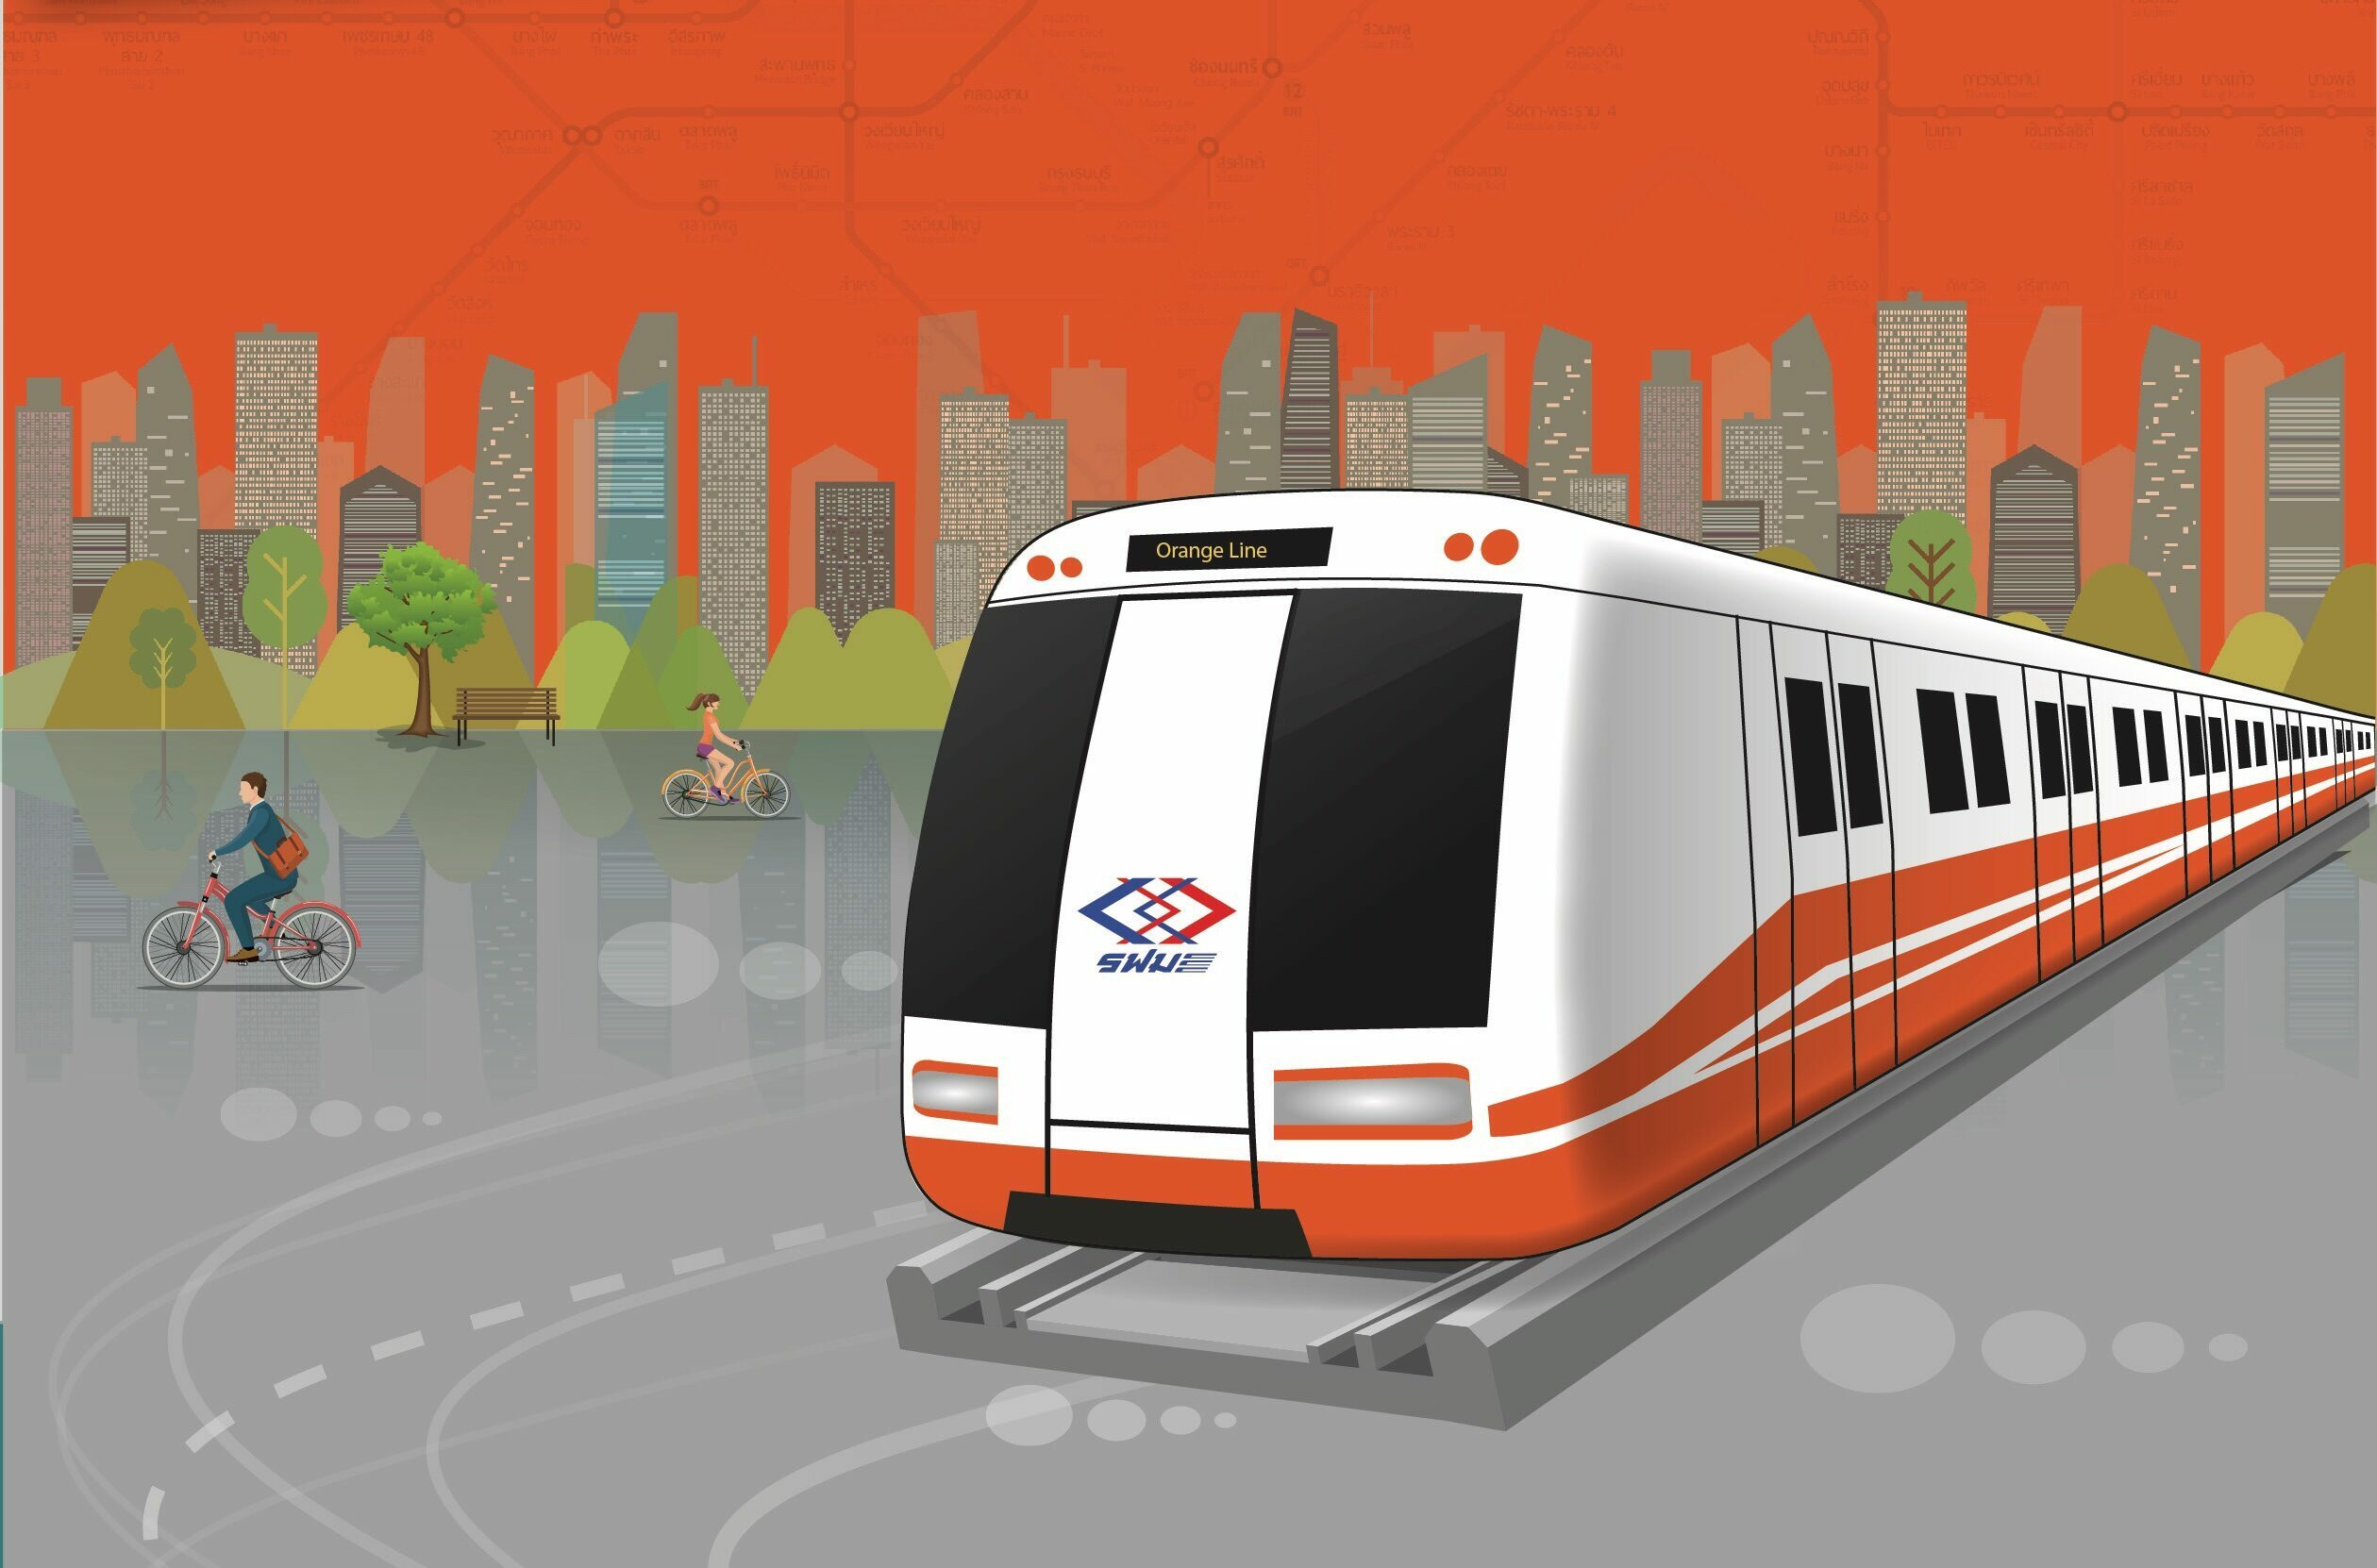 """ส.ก่อสร้างไทยห่วงรถไฟฟ้าสายสีส้มล่าช้า แนะทีโออาร์ด้าน""""เทคนิค-ราคา""""ต้องให้ทุกฝ่ายยอมรับ"""